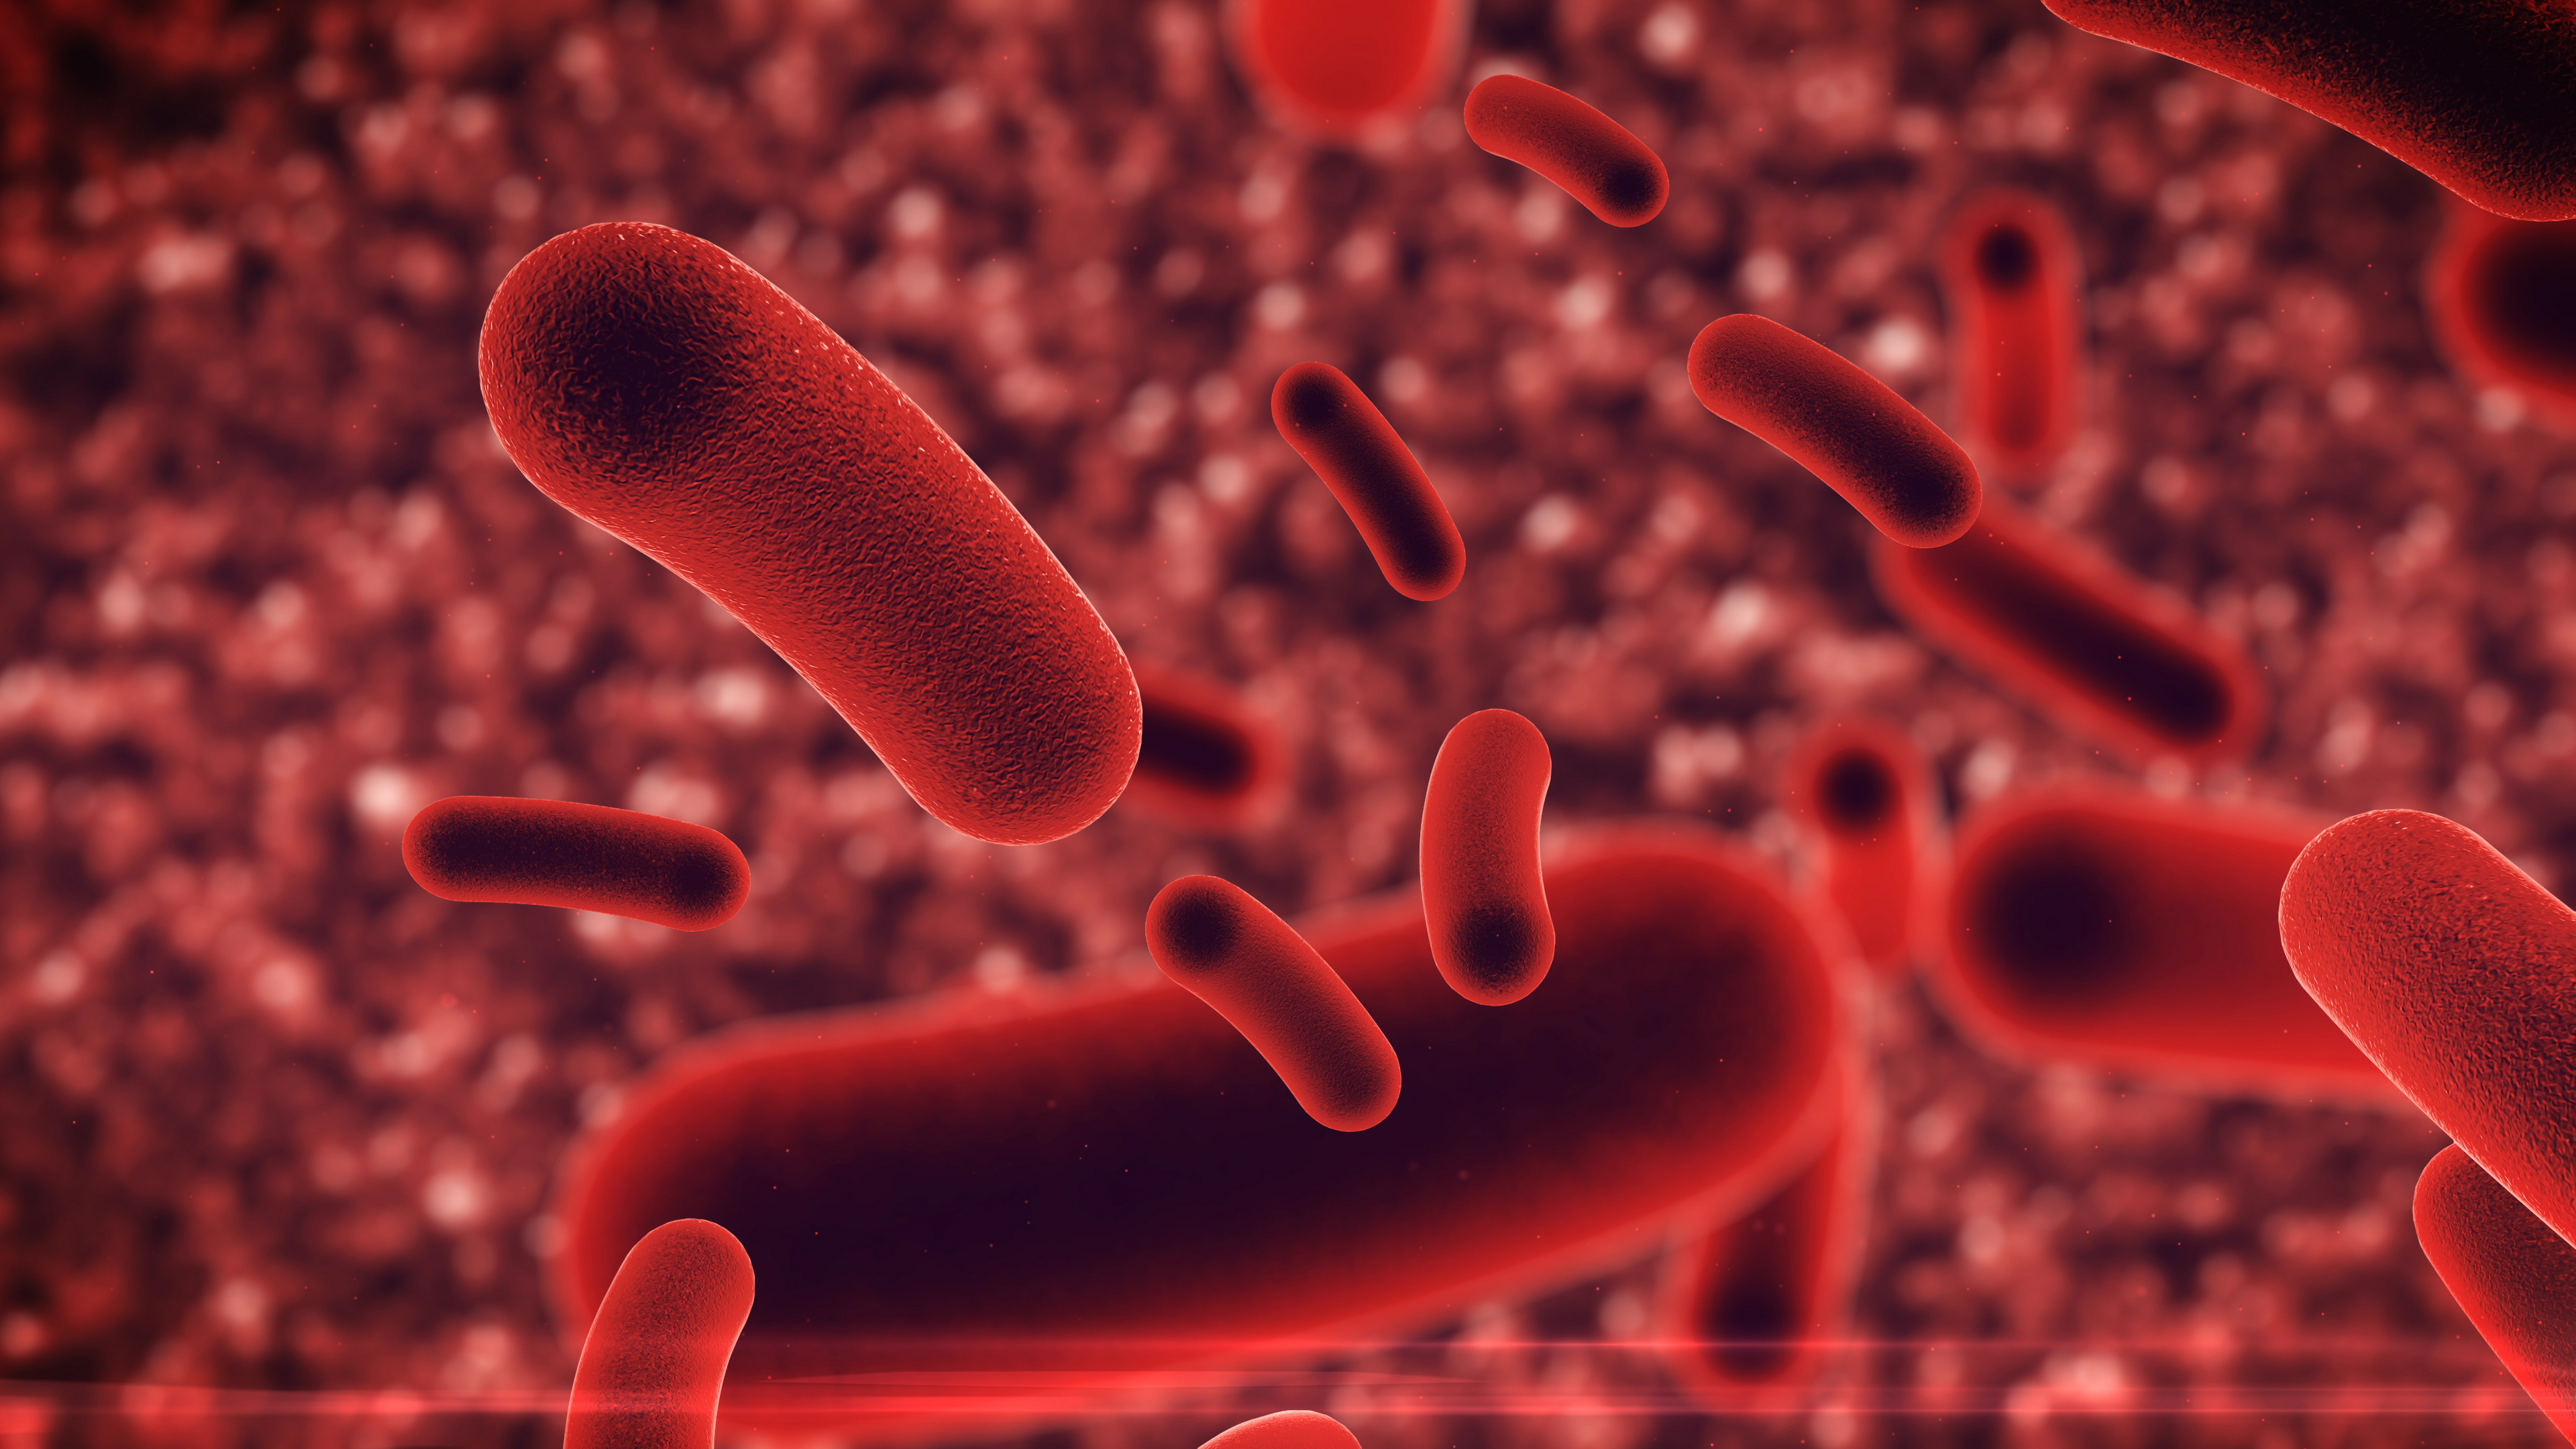 I menneskets tarm findes omkring 50.000.000.000.000 bakterier der fordeler sig på flere hundrede forskellige bakteriearter. De udgør verdens største kemifabrik. De danner nemlig mange stoffer der påvirker vores helbred.